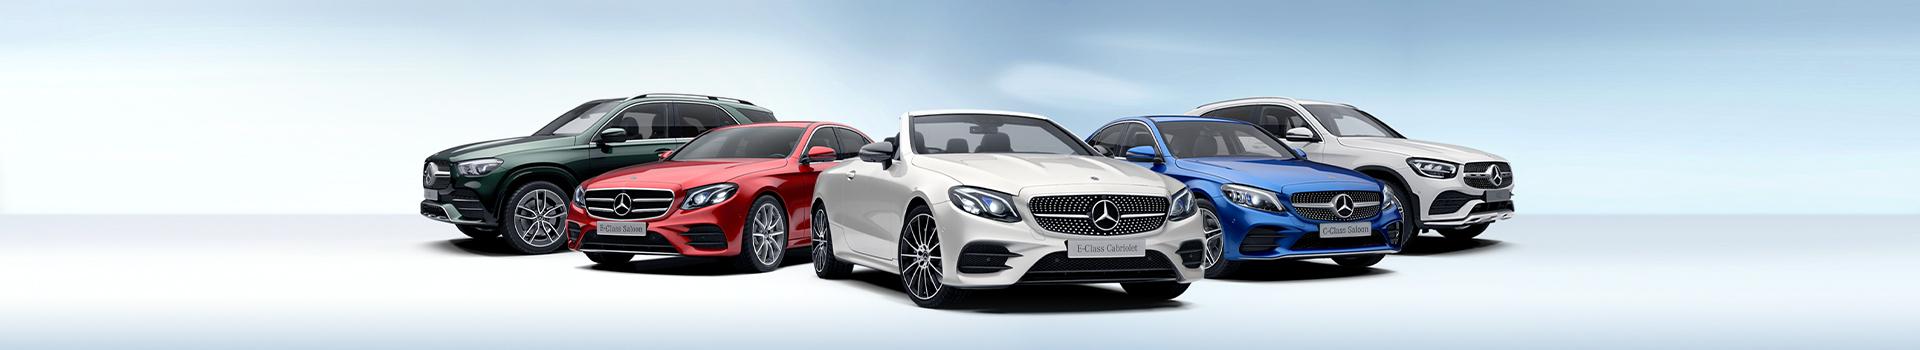 Showroom de Mercedes-Benz.